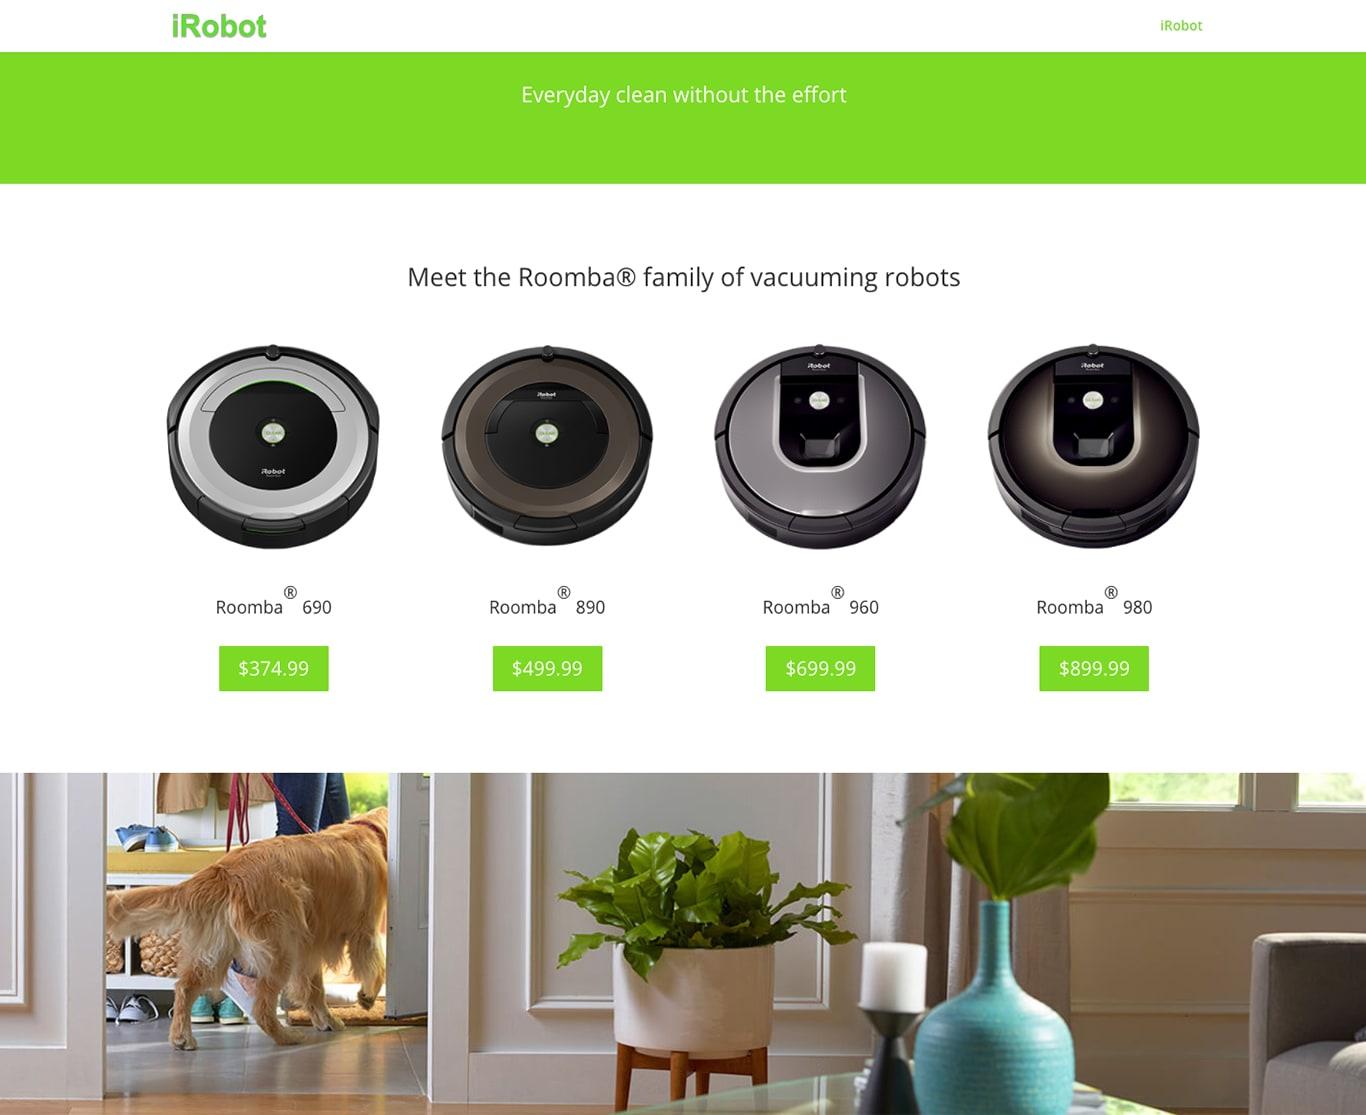 SEO продвижение сайтов в США-portfolio-seo-services-seotoptop.com-irobot